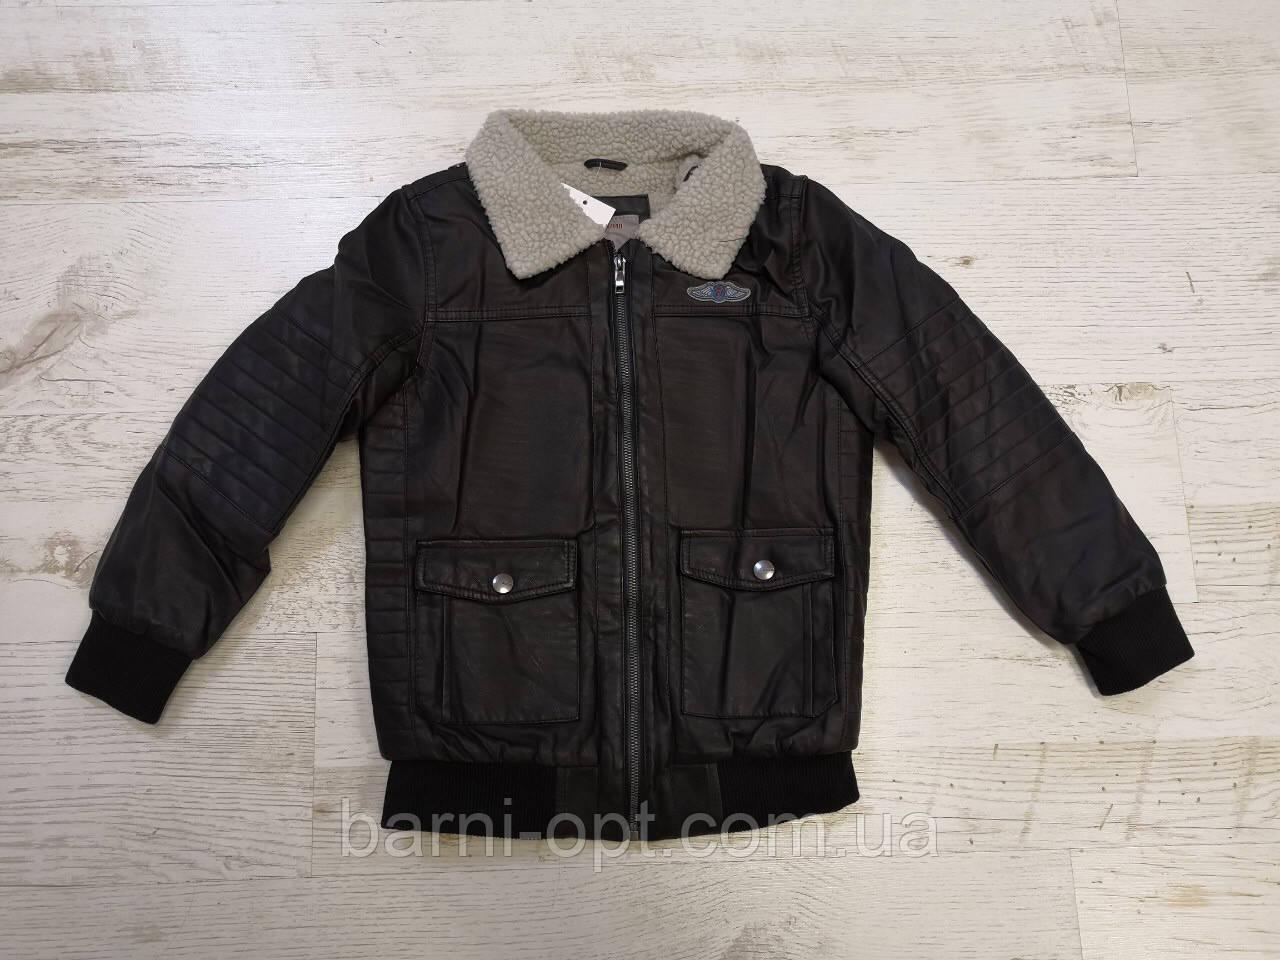 Куртки кожзам на мальчика на меху, Glo-story, 92/98-128  рр